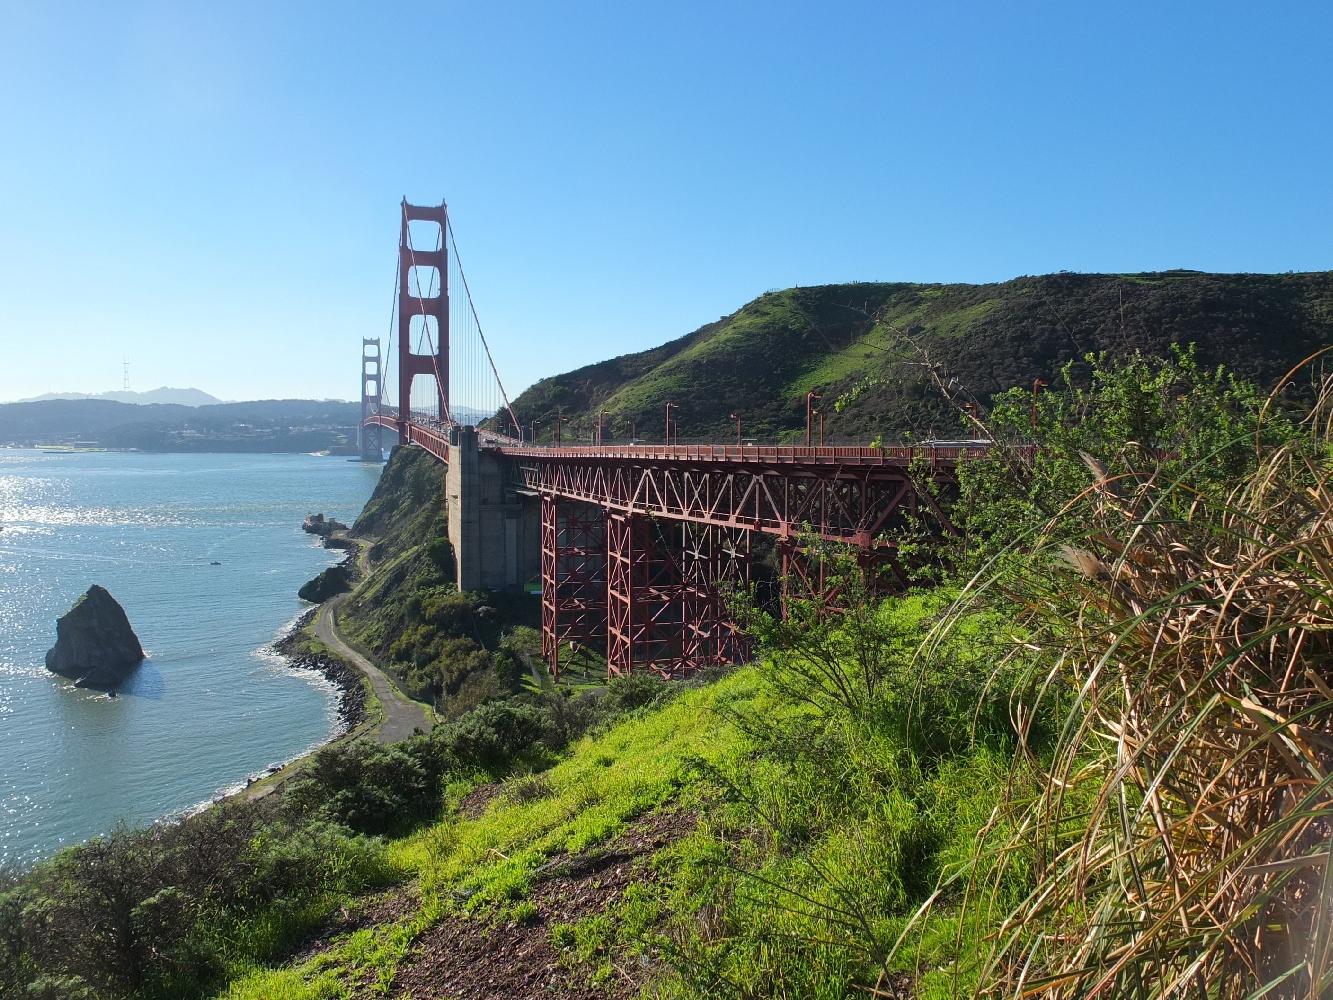 L'emblématique « Golden Gate Bridge », vu de la pointe nord du détroit du Golden Gate, cet étroit passage qui relie l'océan Pacifique à la baie de San Francisco.